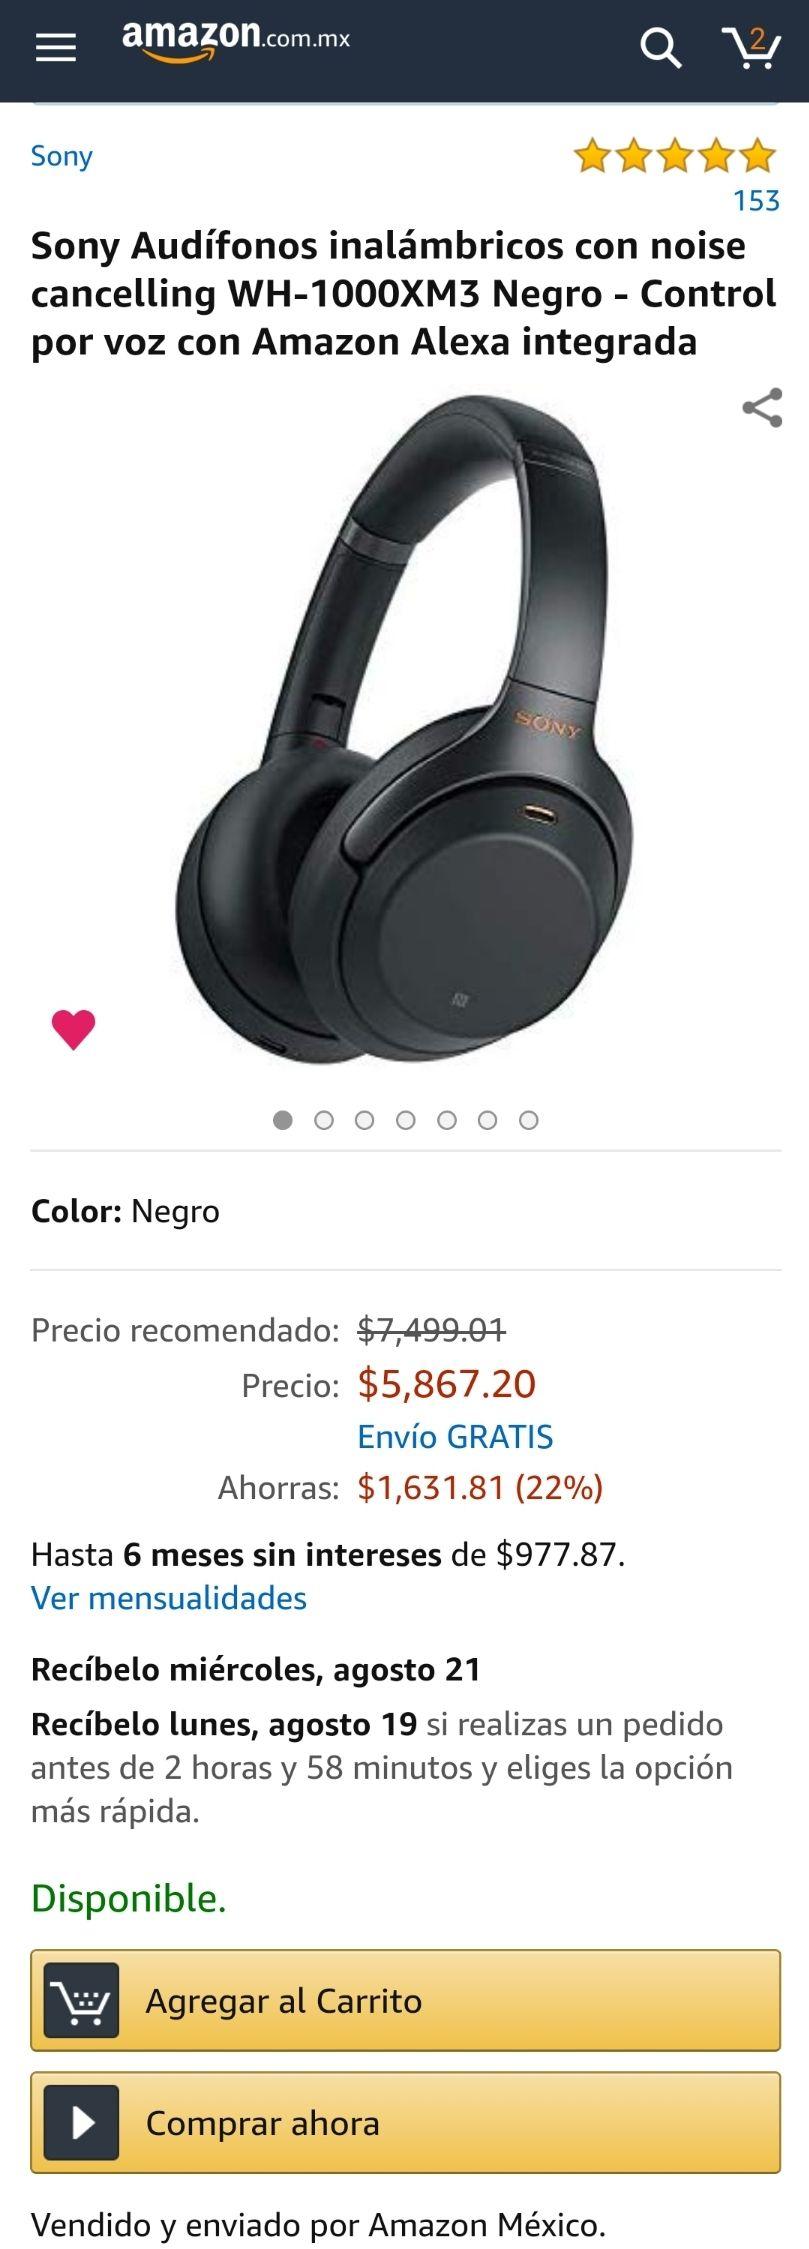 Amazon: Sony Audífonos inalámbricos WH-1000XM3